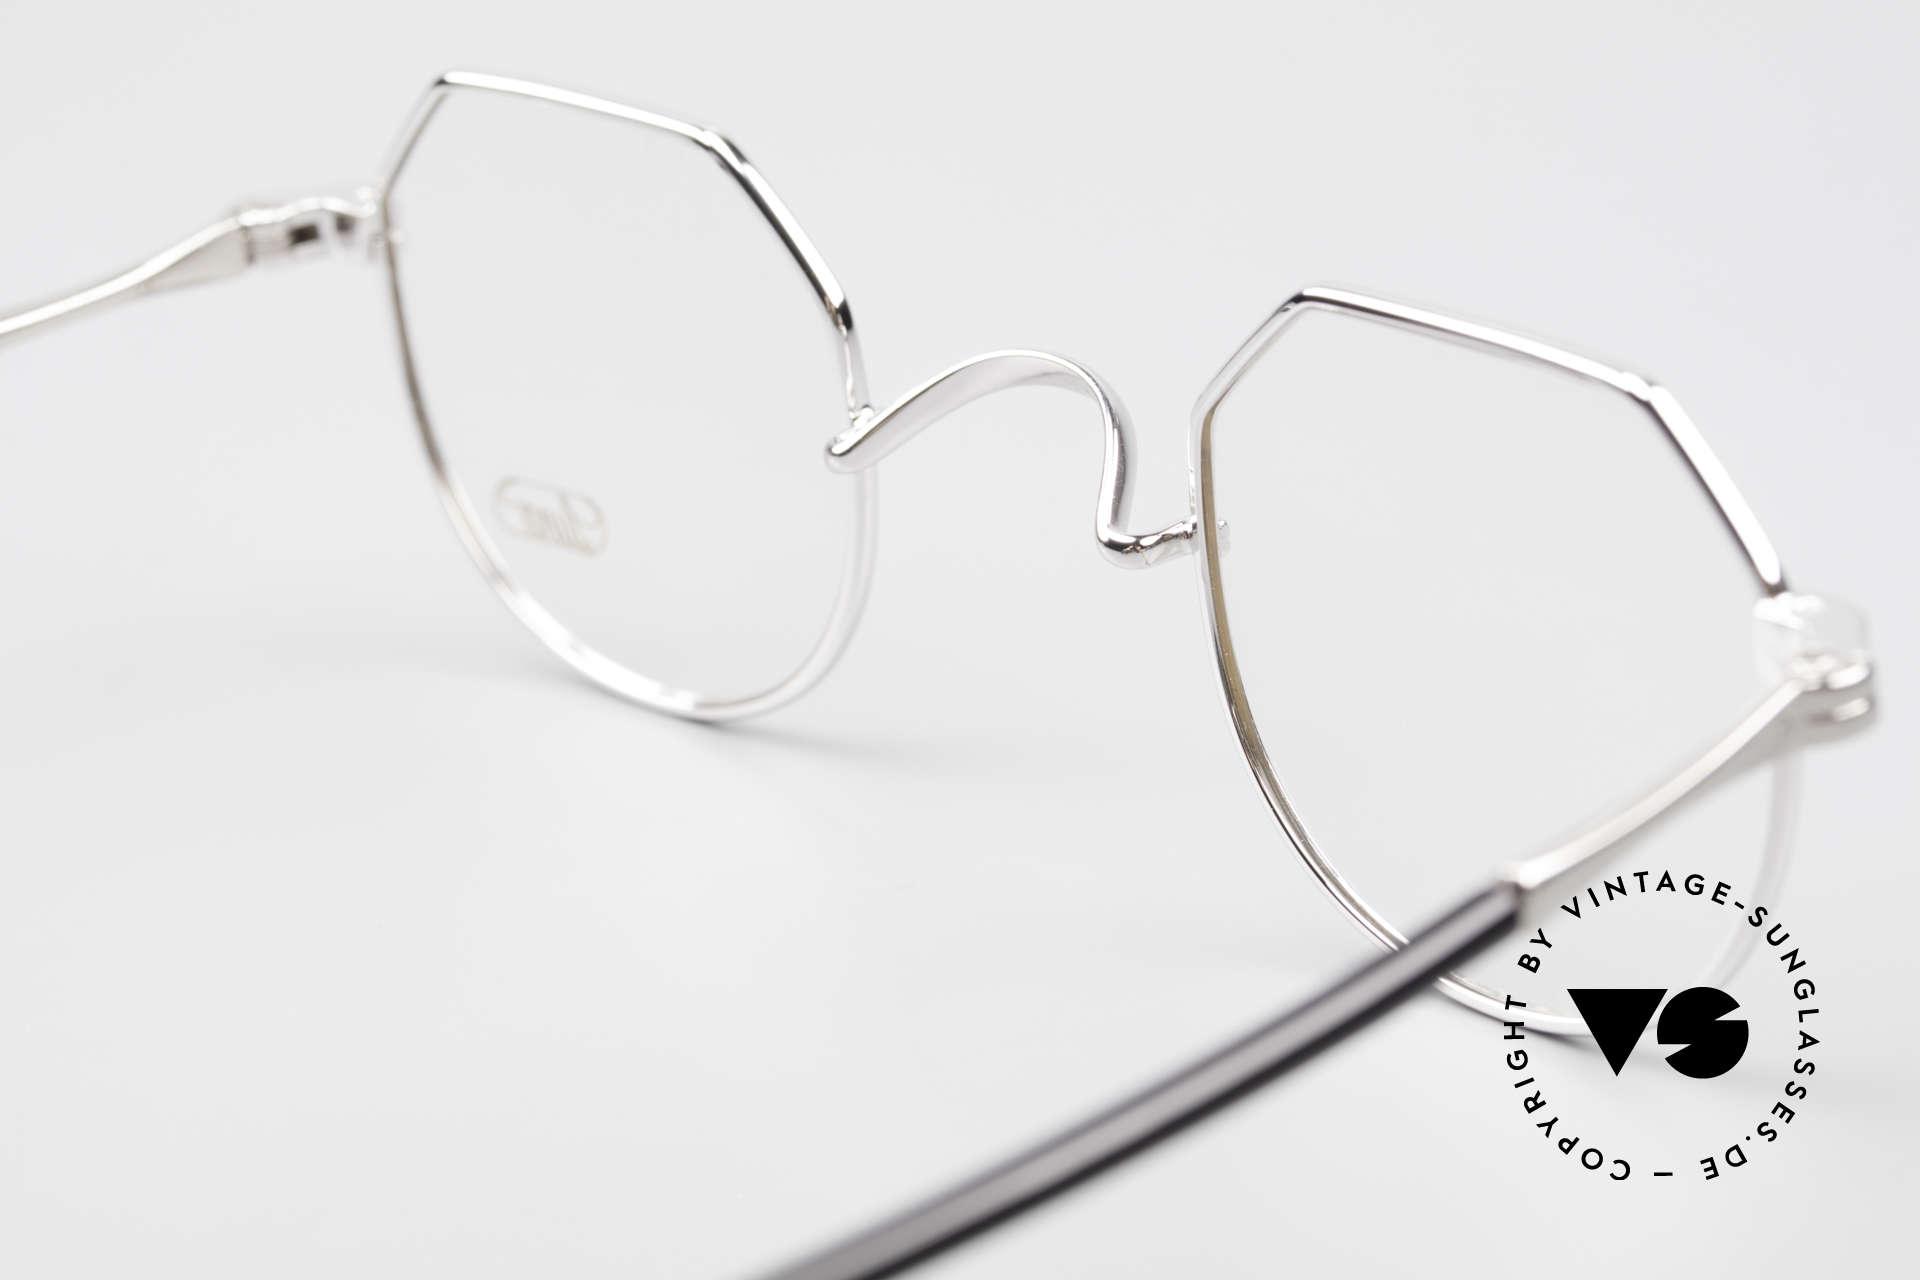 Lunor II A 18 Eckige Panto Brille Platin, DEMOgläser sollten natürlich ausgetauscht werden, Passend für Herren und Damen